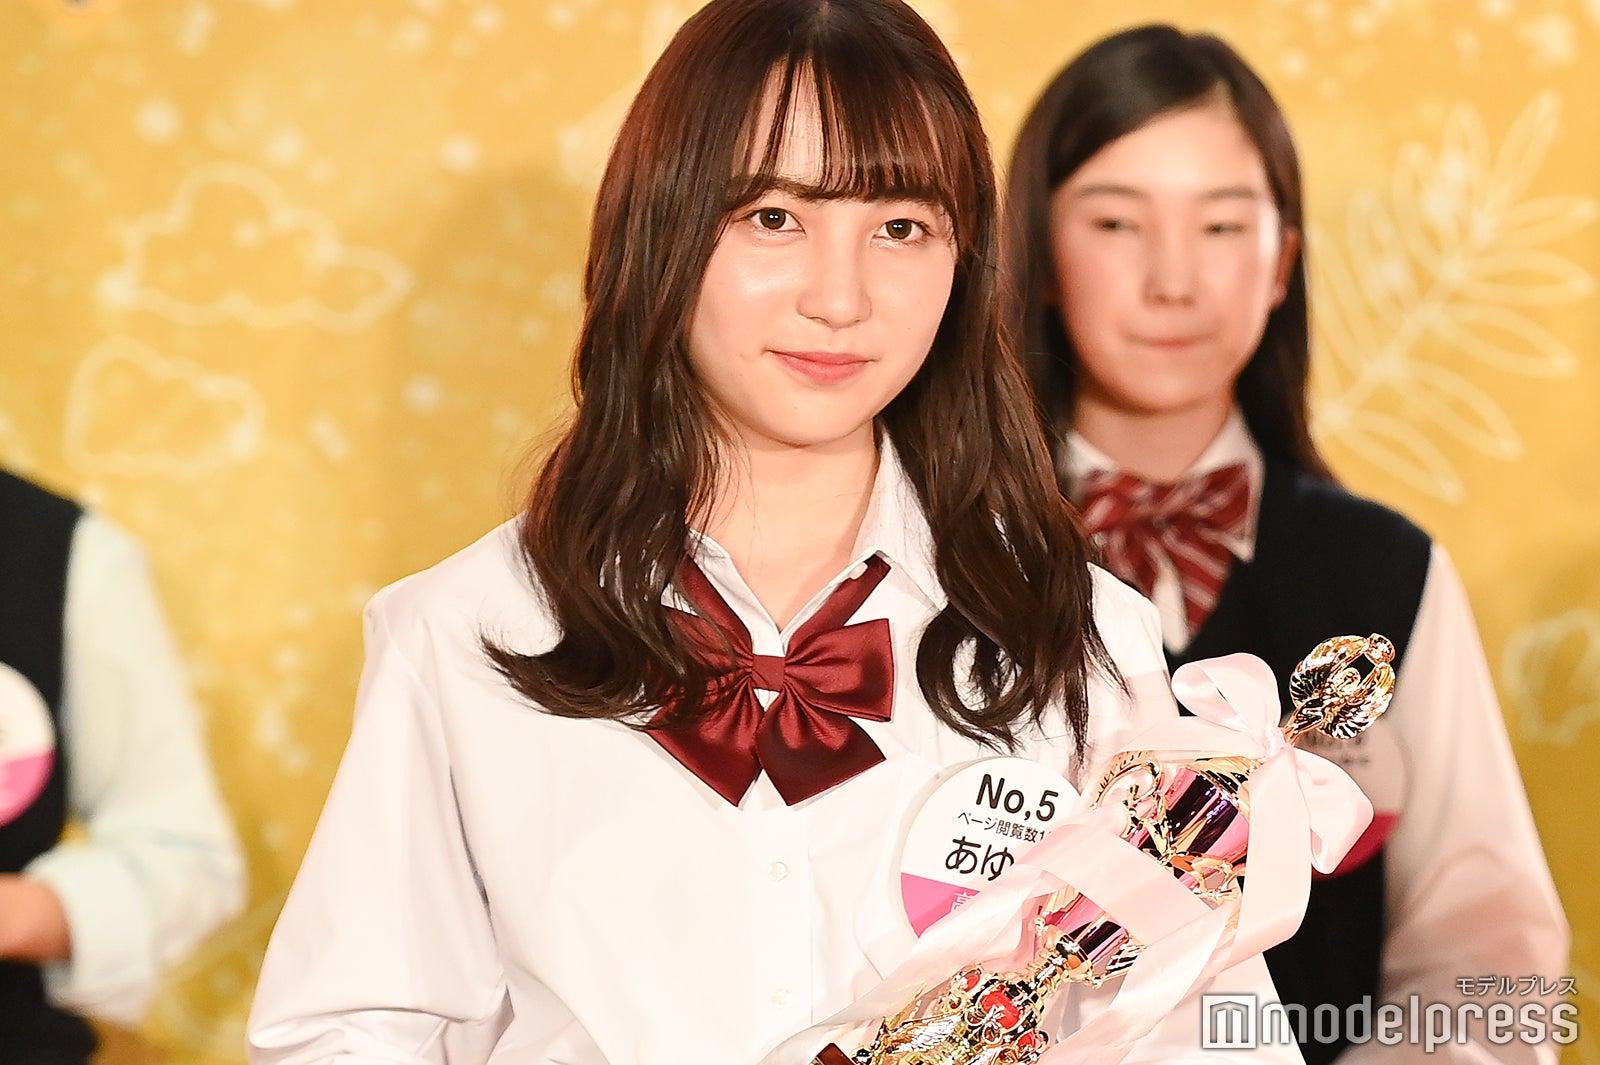 栄冠 あゆかさん 乃木坂 すずきあやね グランプリに関連した画像-02